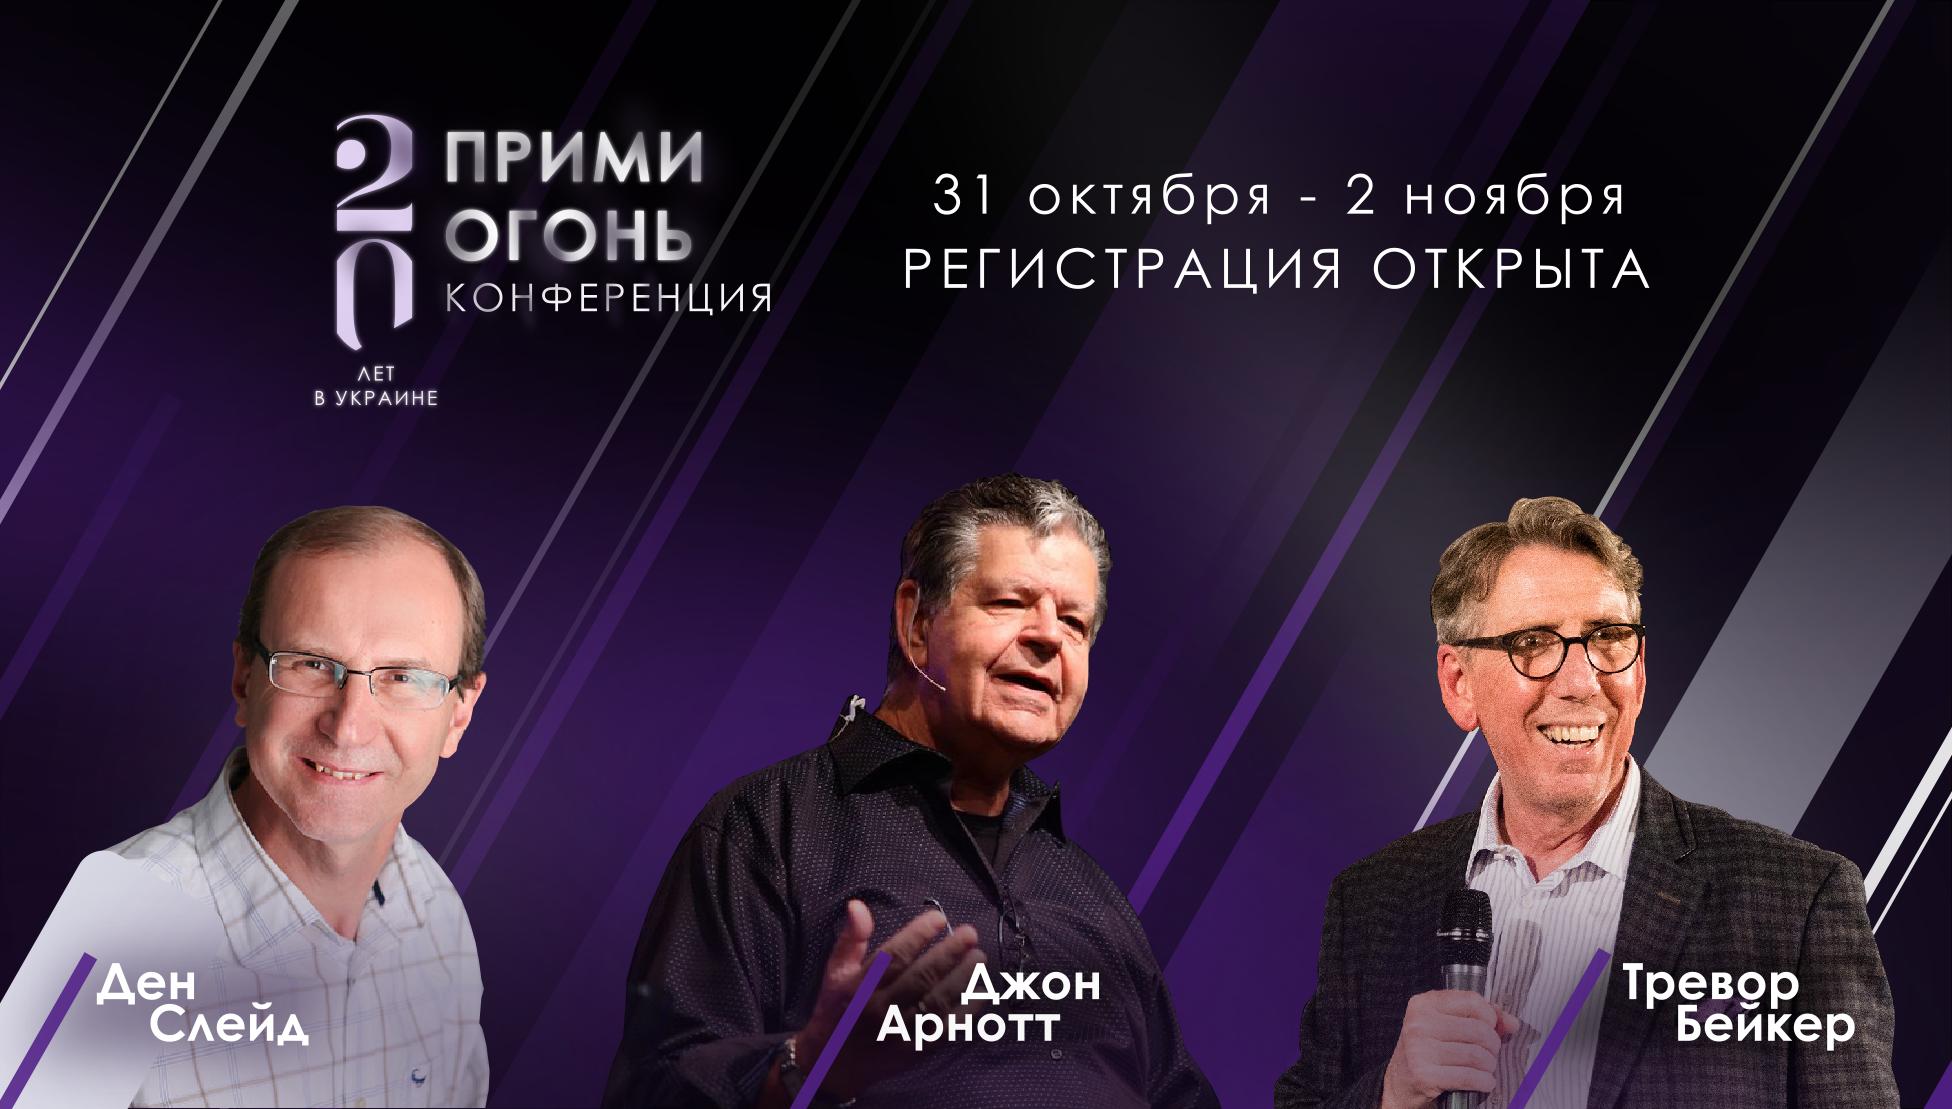 Конференция 20-летие Прими Огонь!